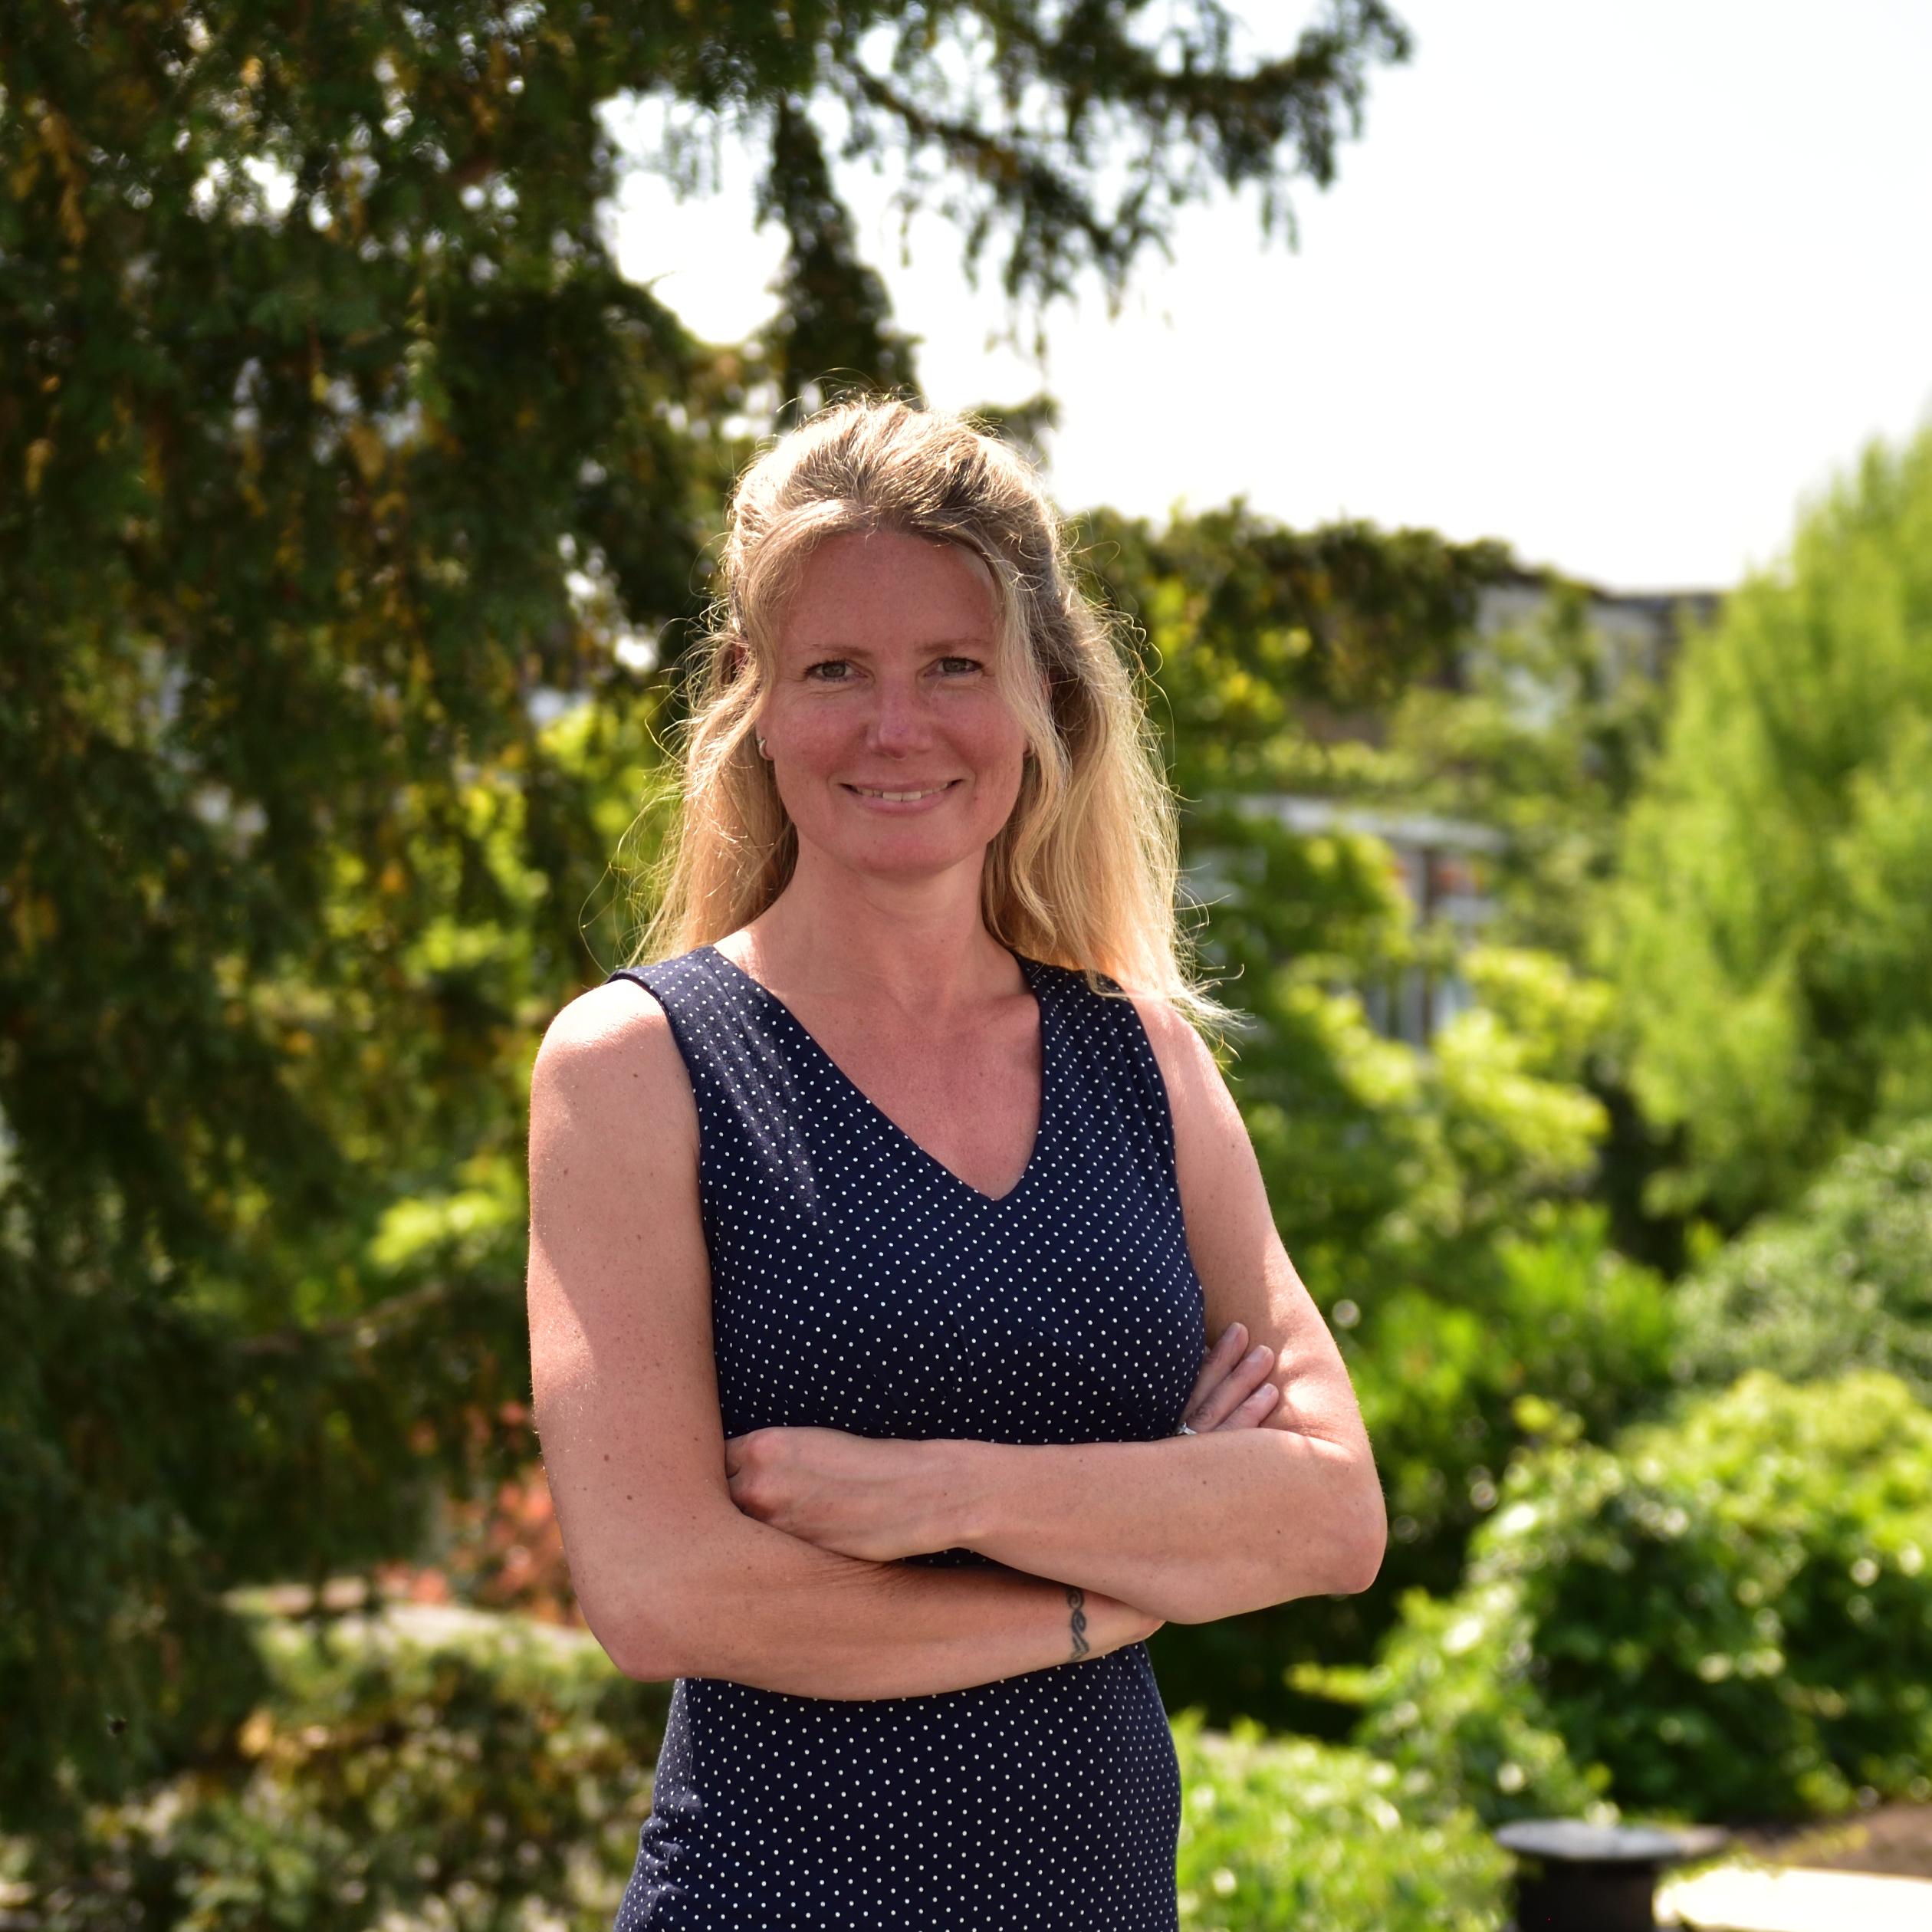 Jolanda Vellinga-de Jong